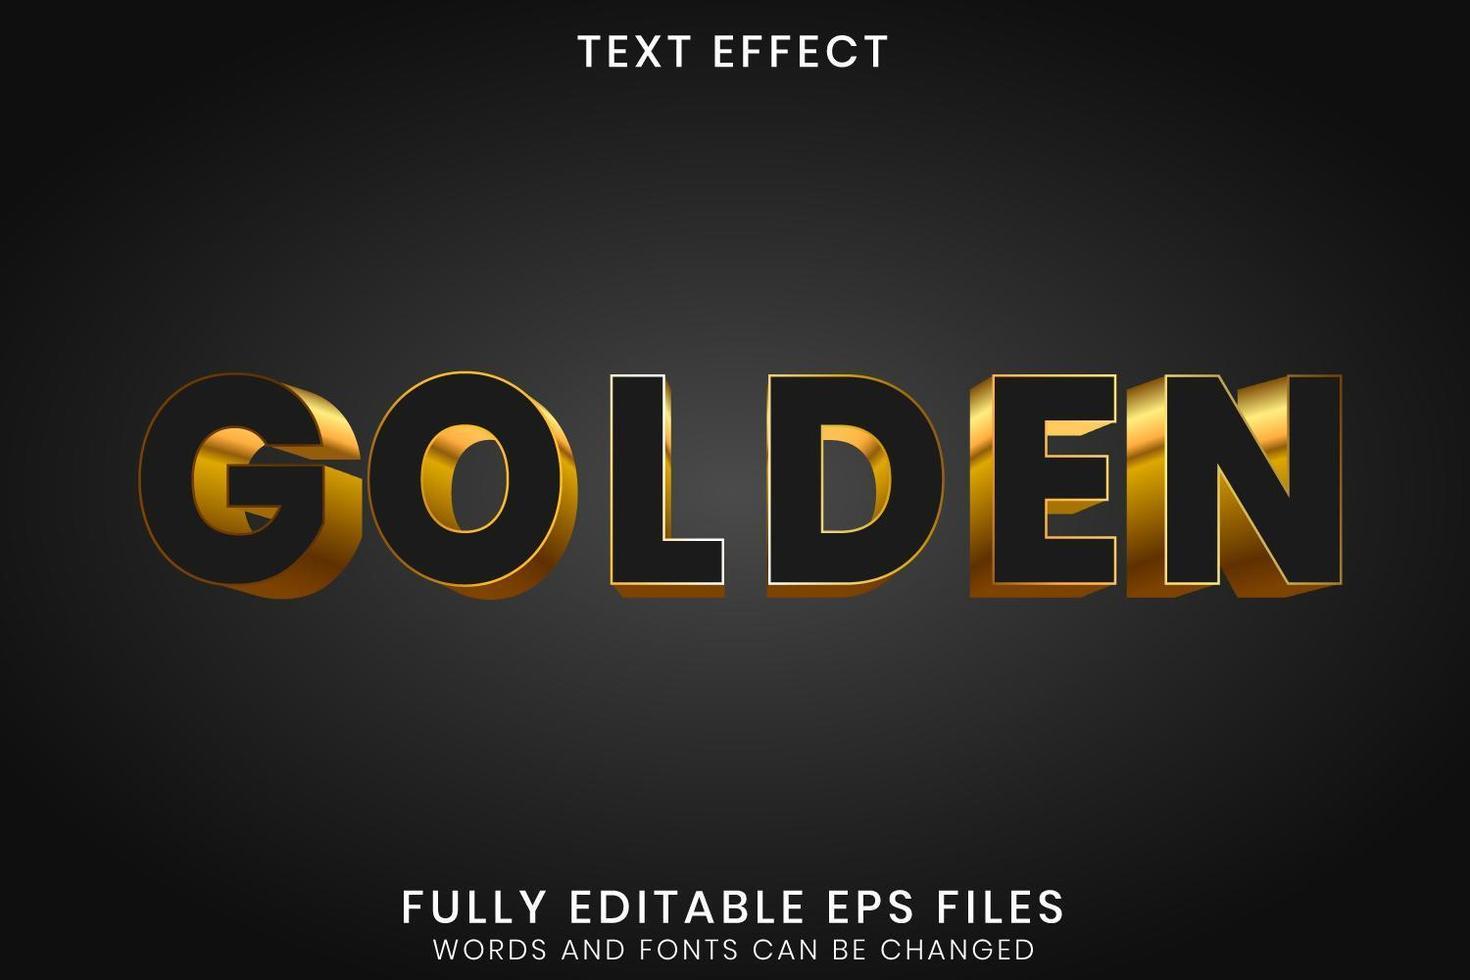 Efeito de texto editável em ouro preto 3D vetor